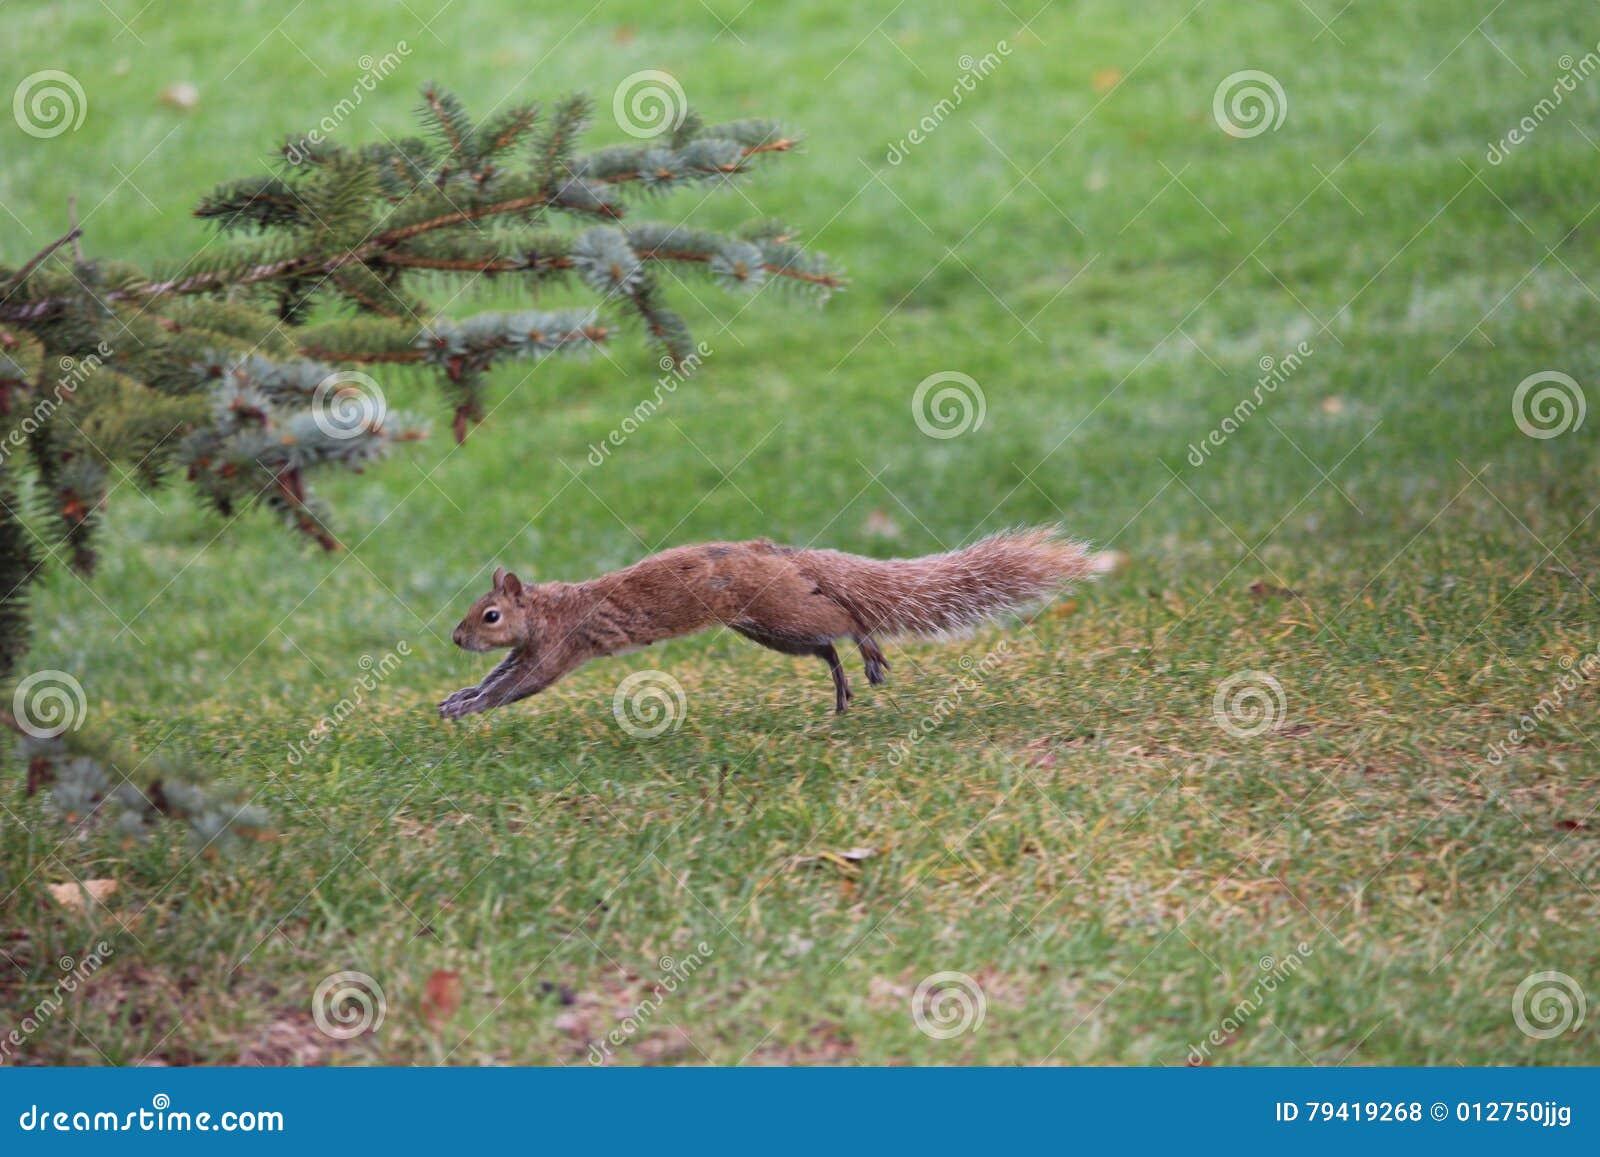 Laufendes Eichhörnchen Im Park Stockfoto - Bild von laufen ...